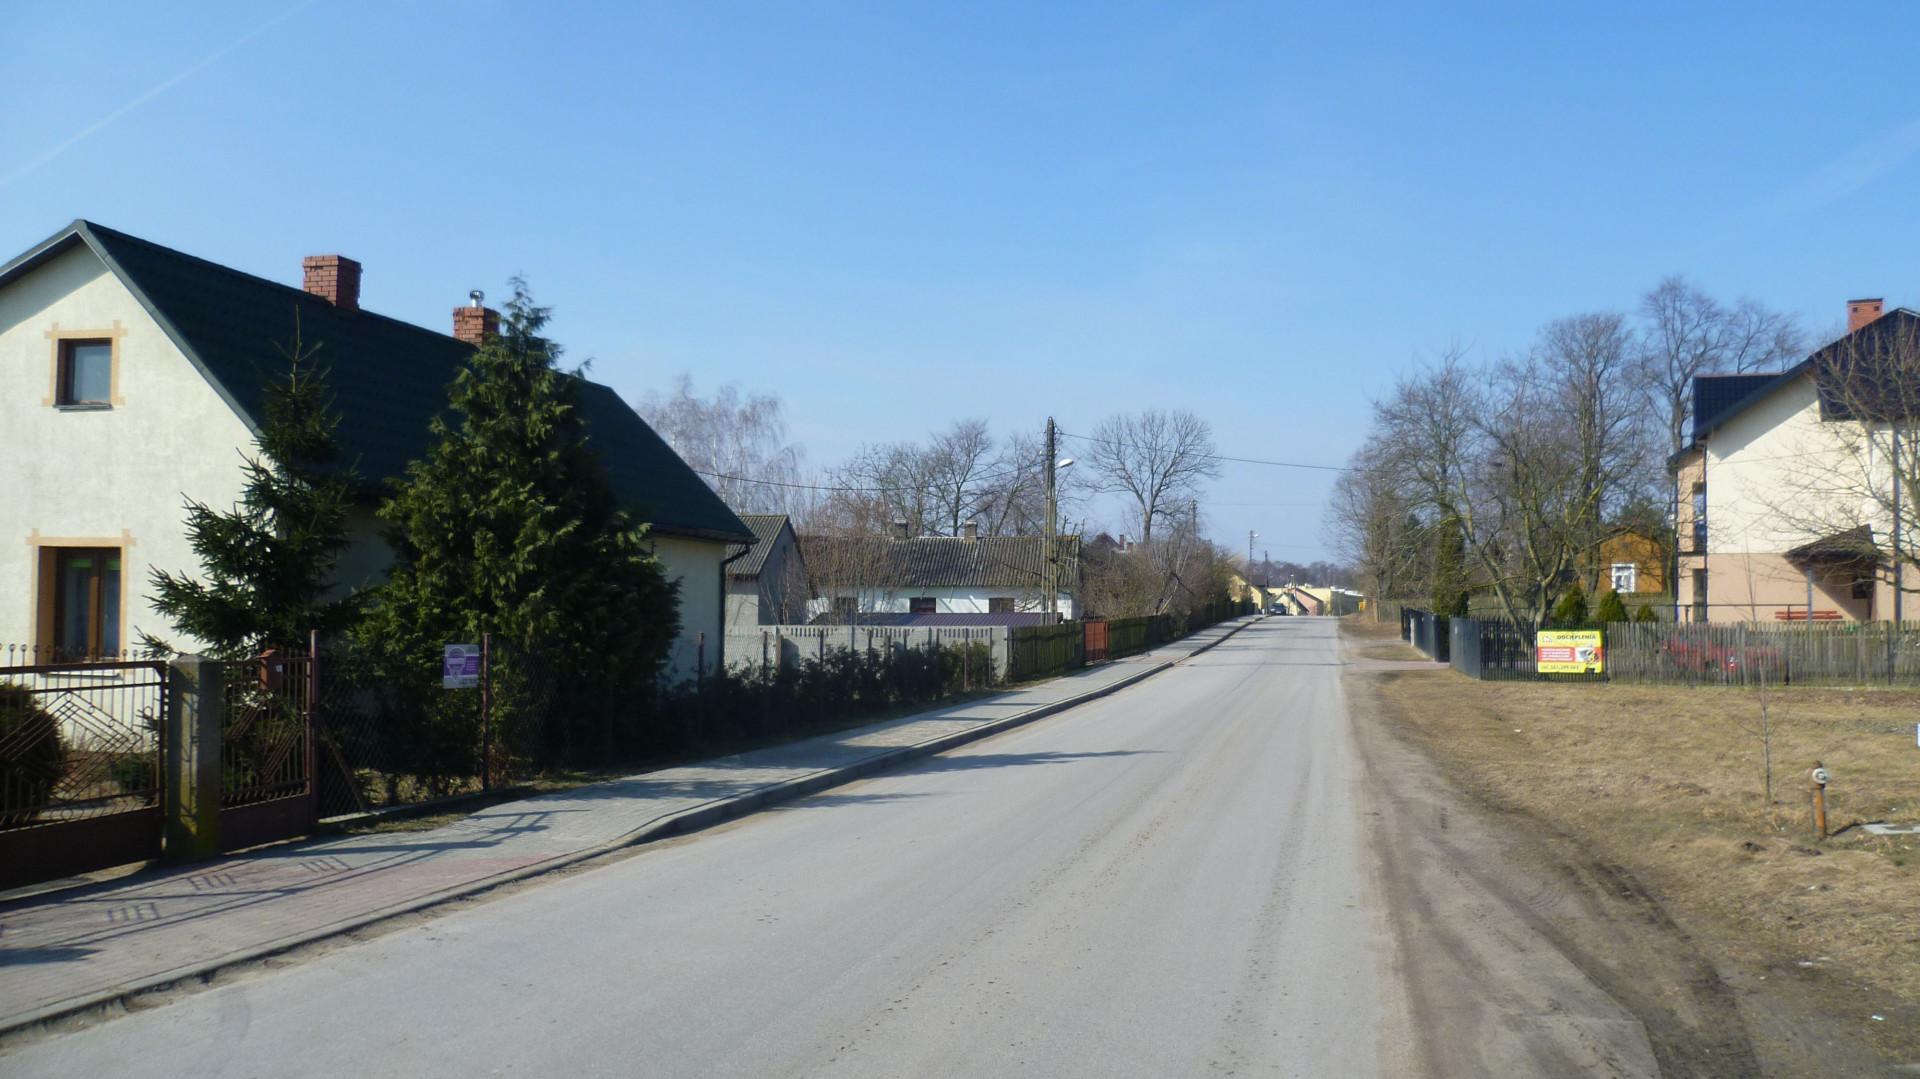 Wręcza liczy dziś 156 mieszkańców (fot. Botev/Wikimedia Commons/CC0)